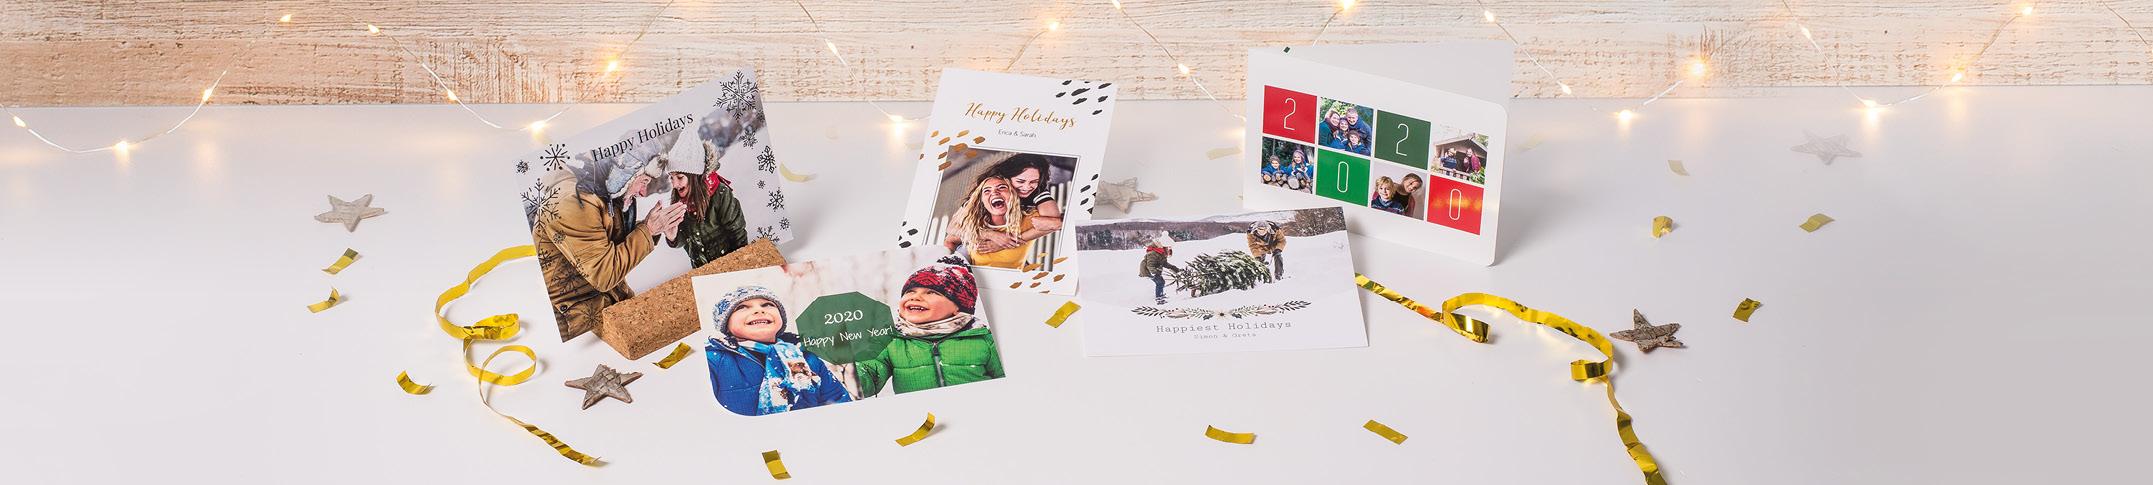 Nieuwjaarskaarten maken met foto's en tekst